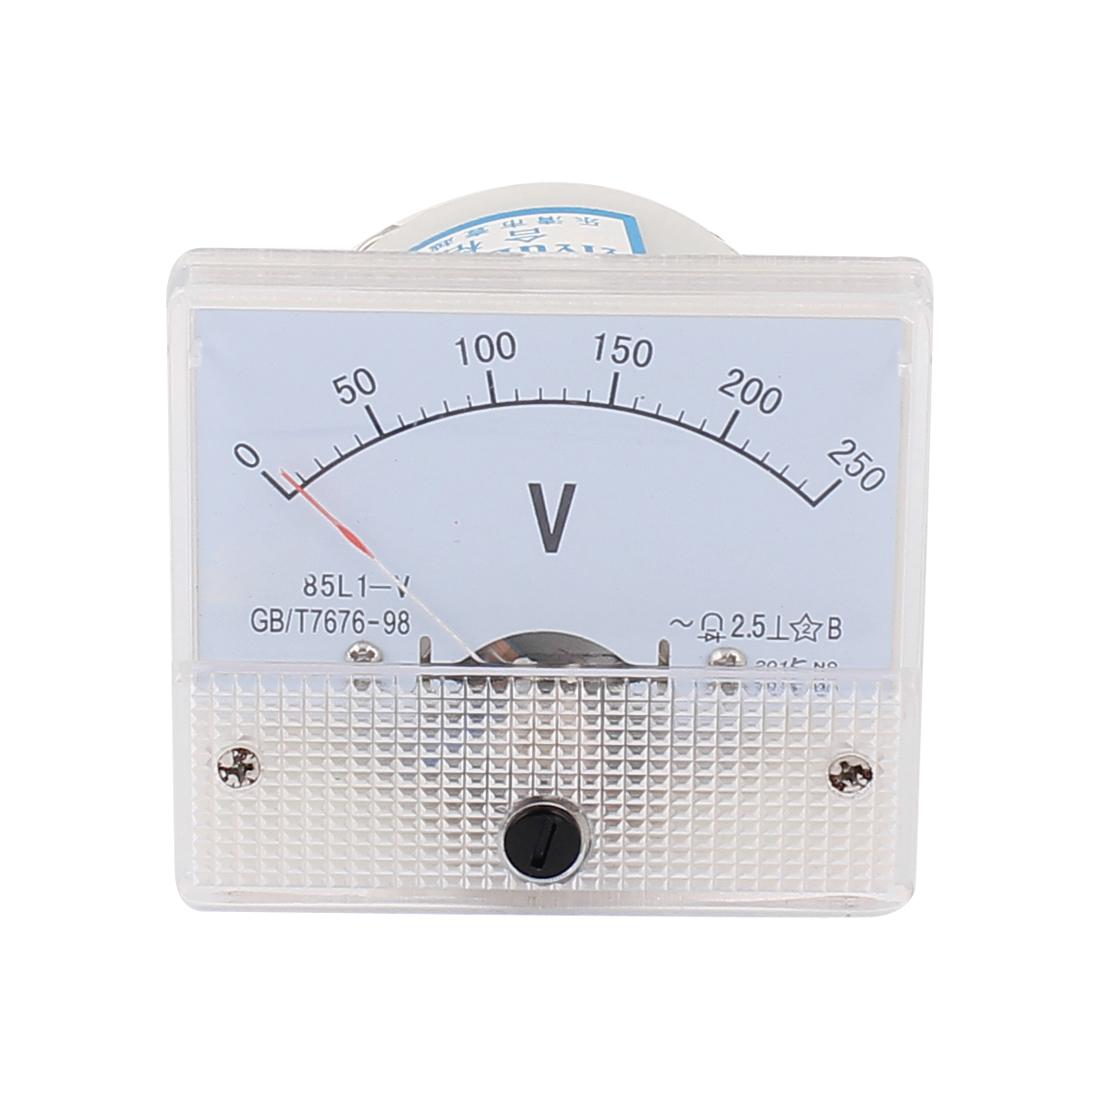 AC 0-250V Rectangle Panel Analog Voltmeter Voltage Meter Gauge 85L1